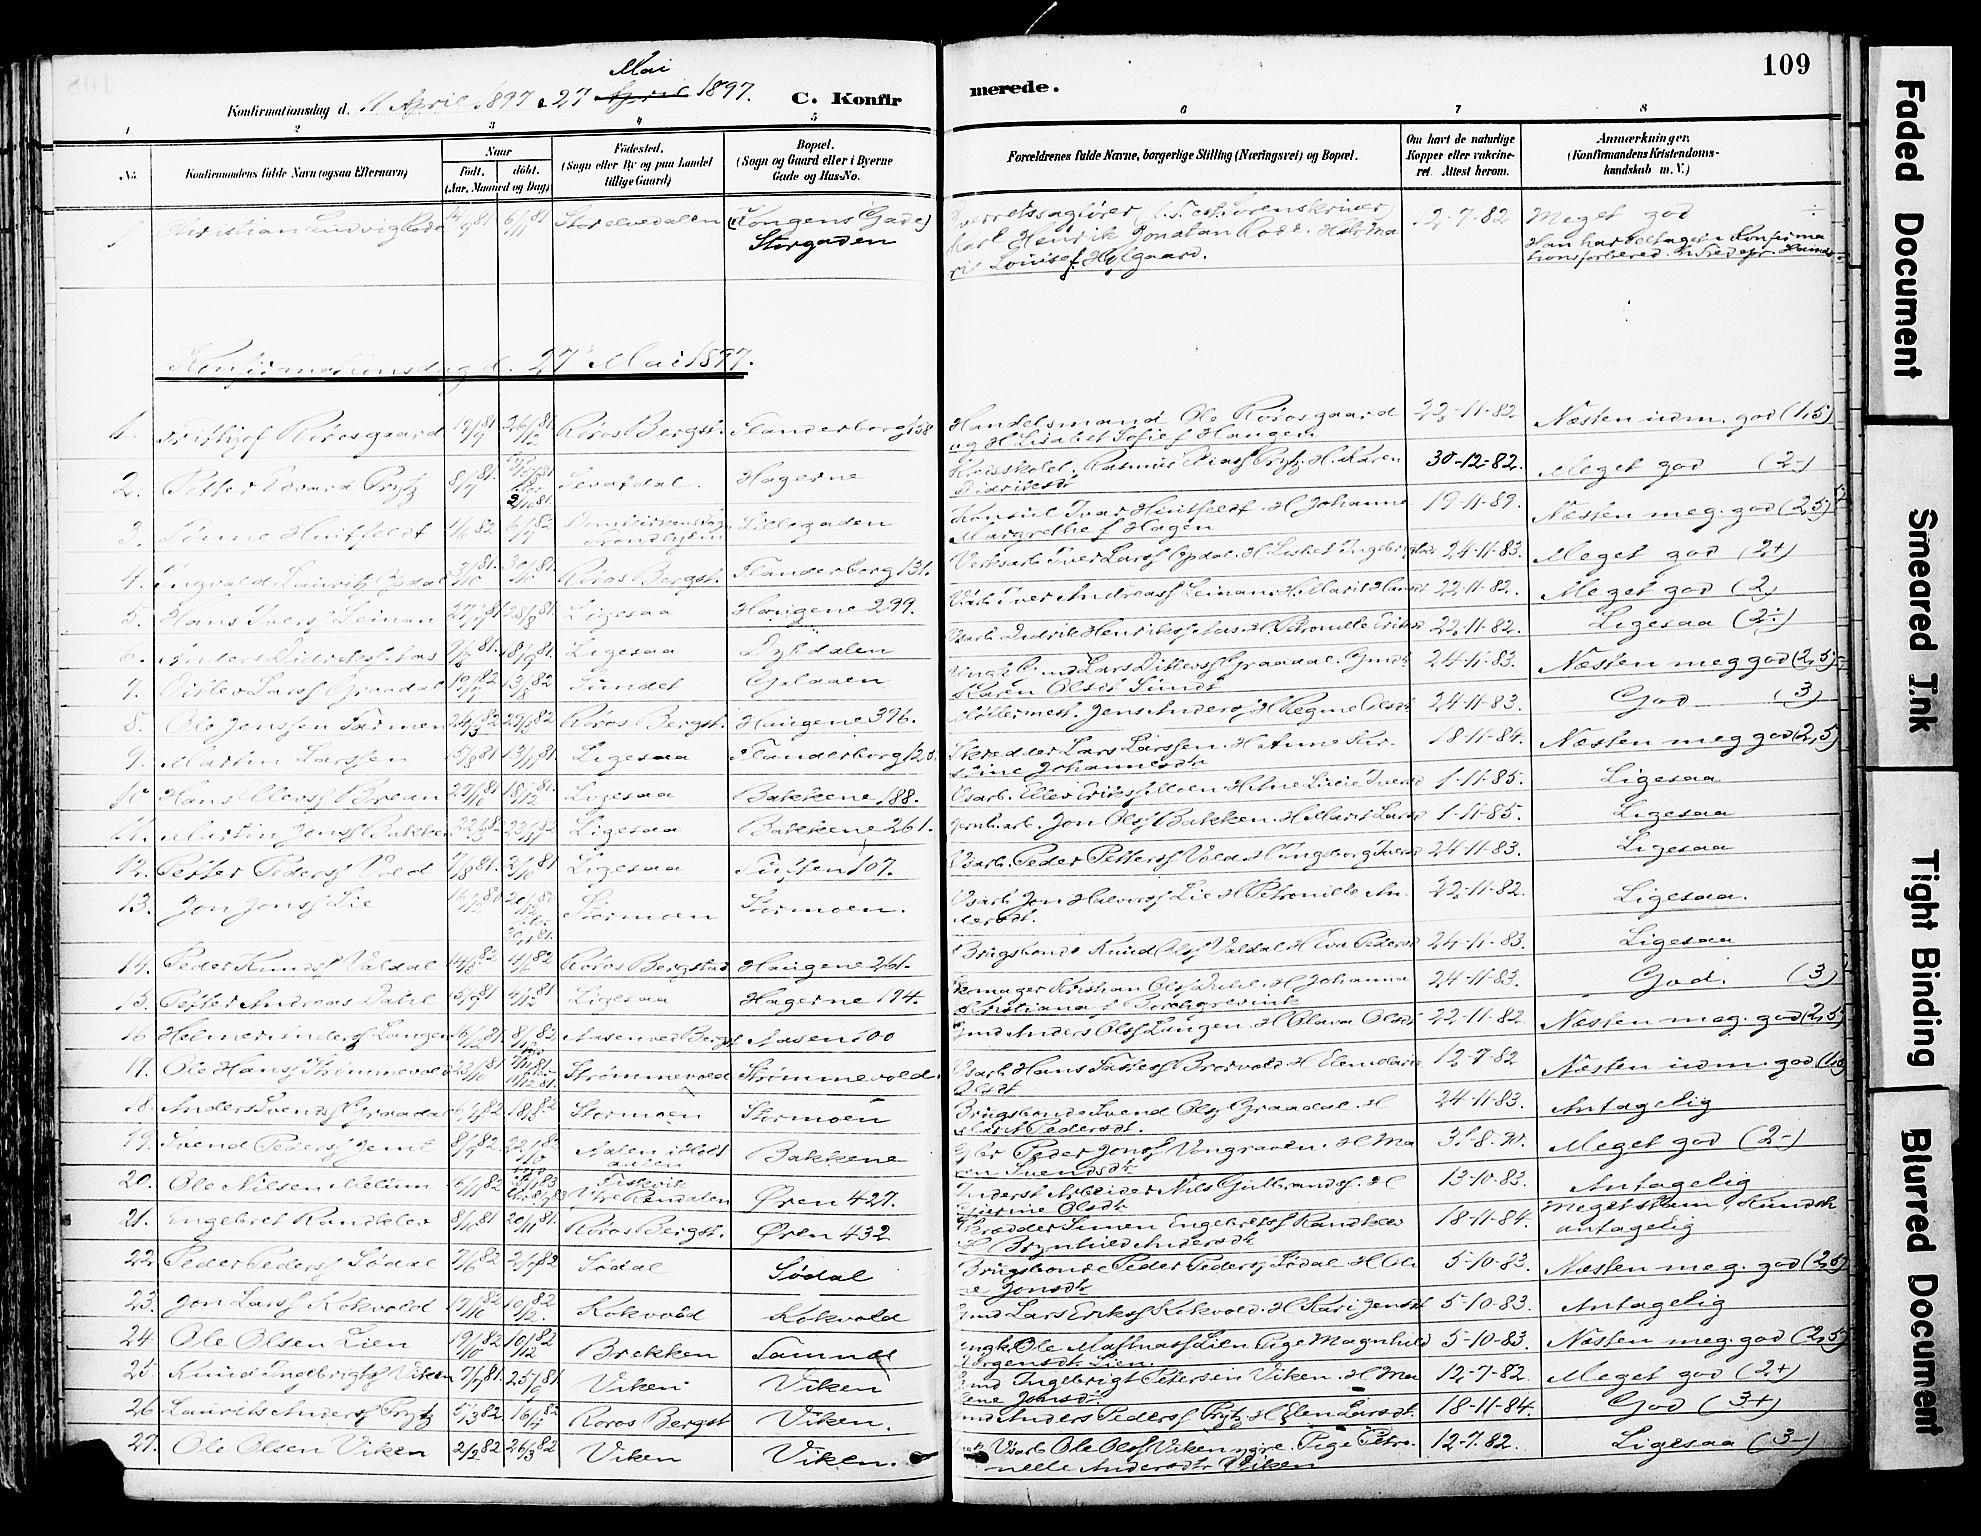 SAT, Ministerialprotokoller, klokkerbøker og fødselsregistre - Sør-Trøndelag, 681/L0935: Ministerialbok nr. 681A13, 1890-1898, s. 109